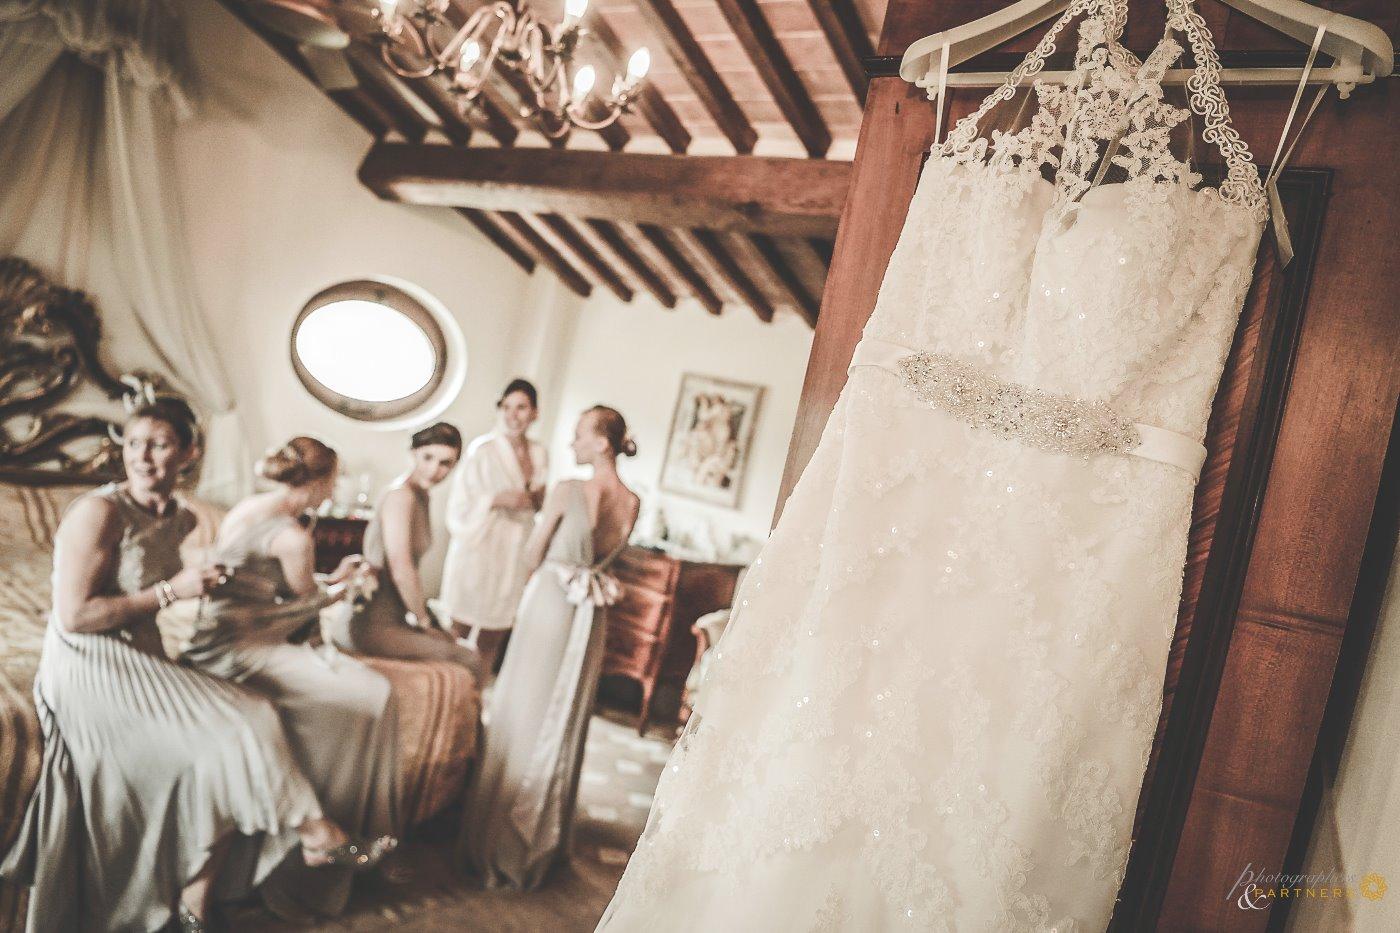 photography_weddings_cortona_02.jpg